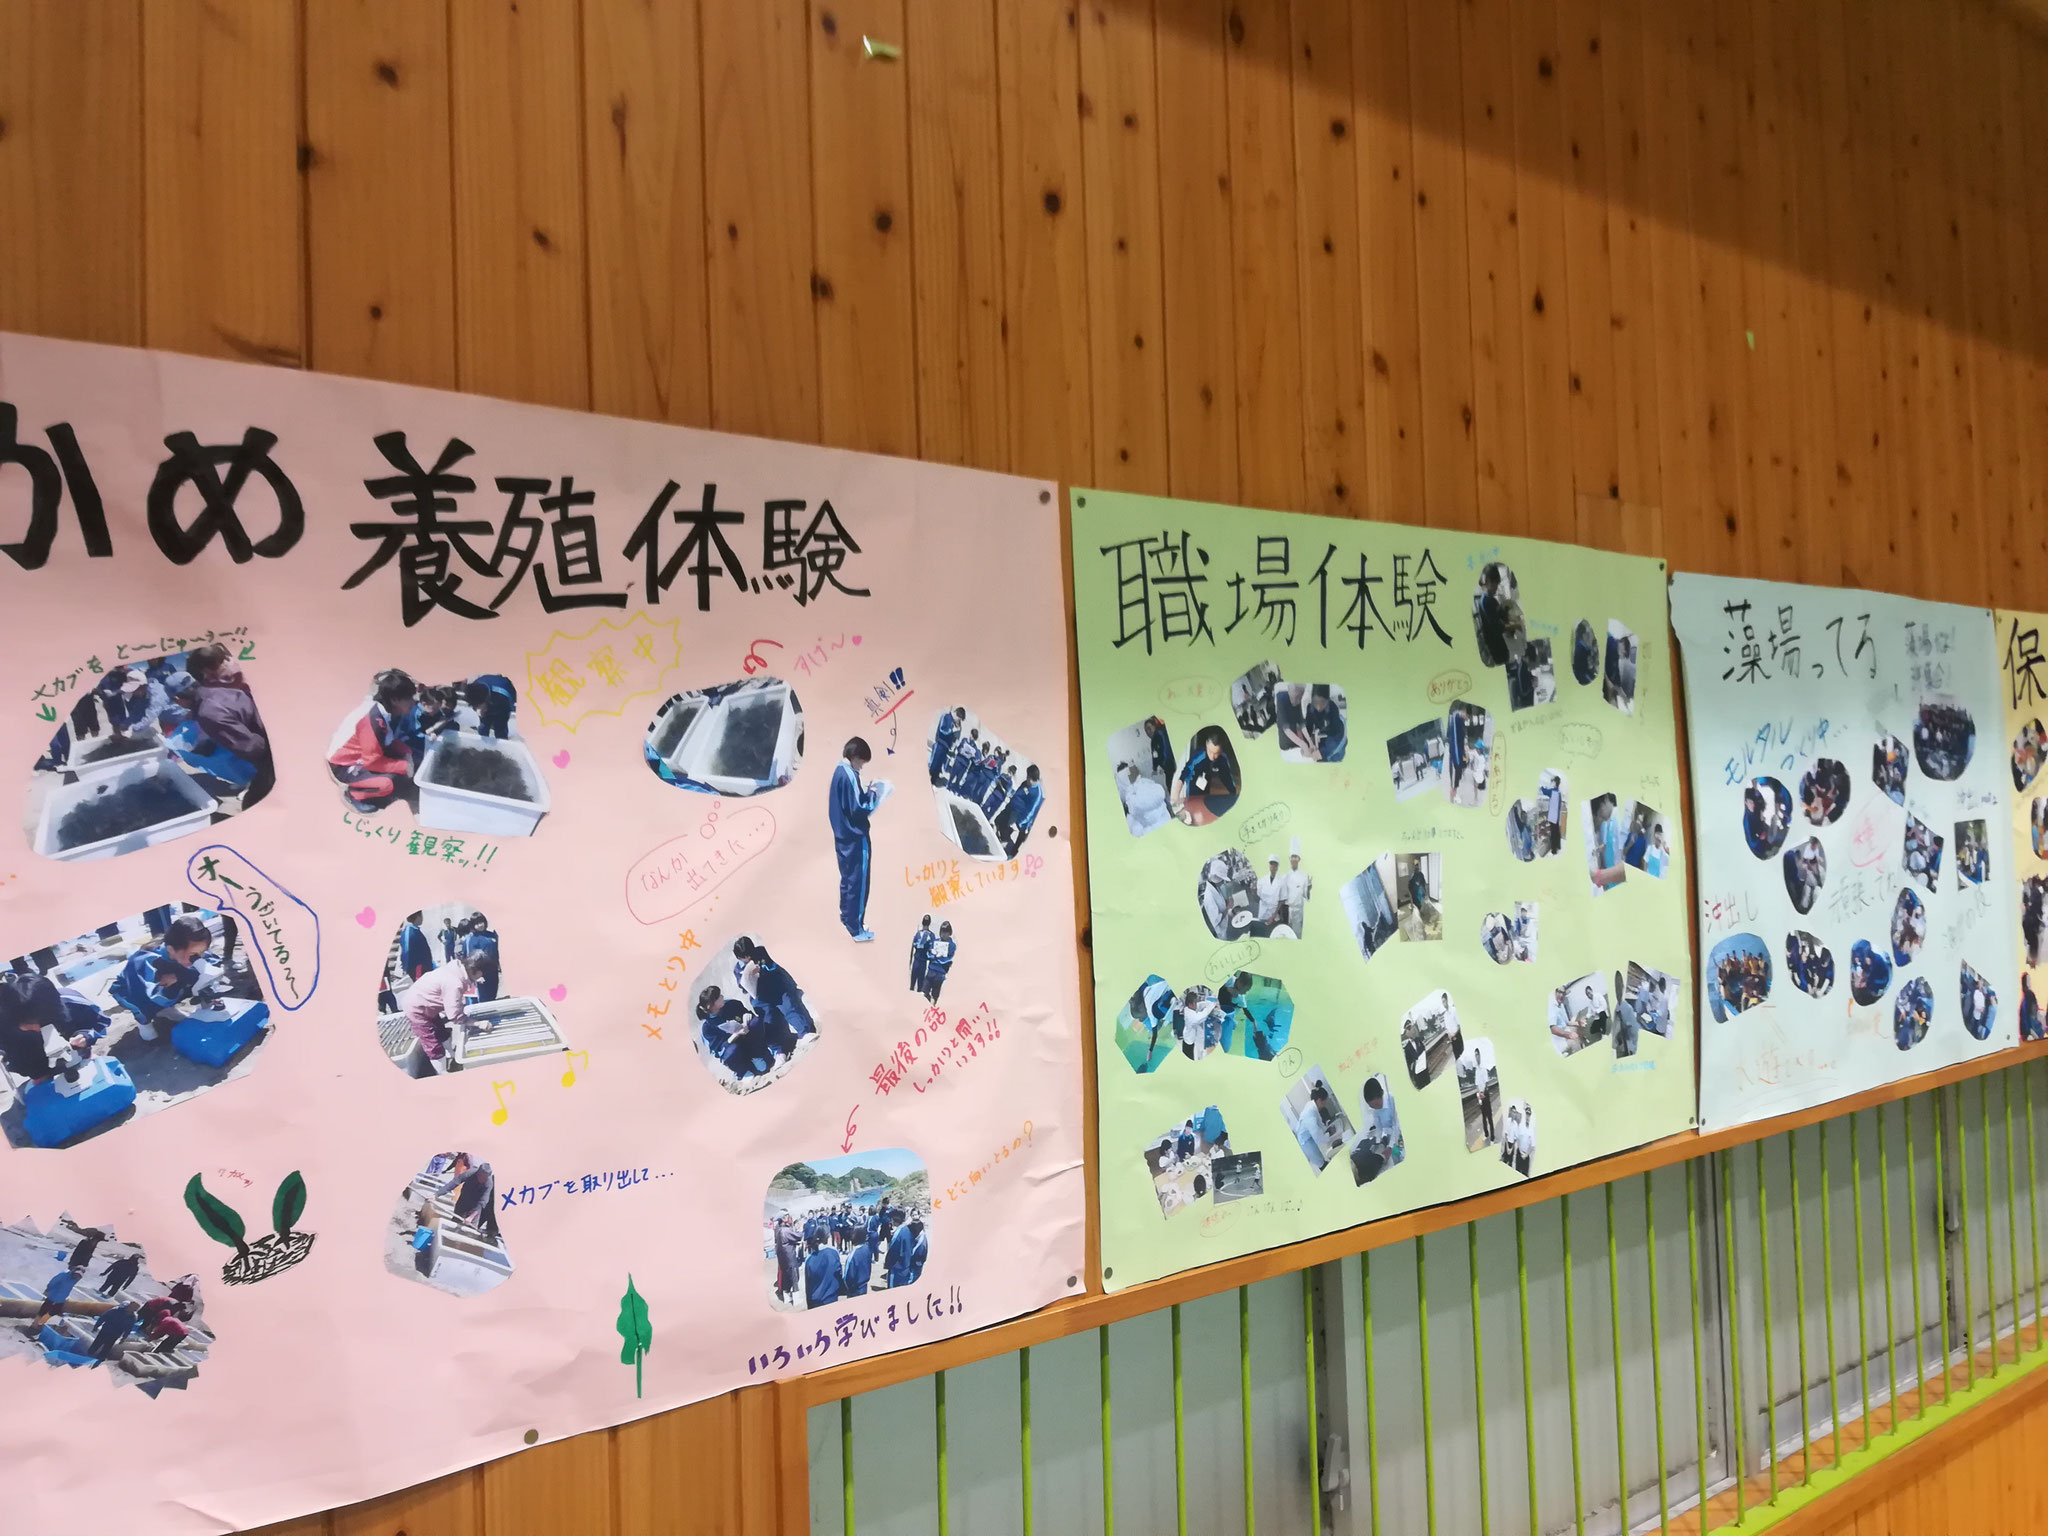 課外学習の写真も掲示されていました。